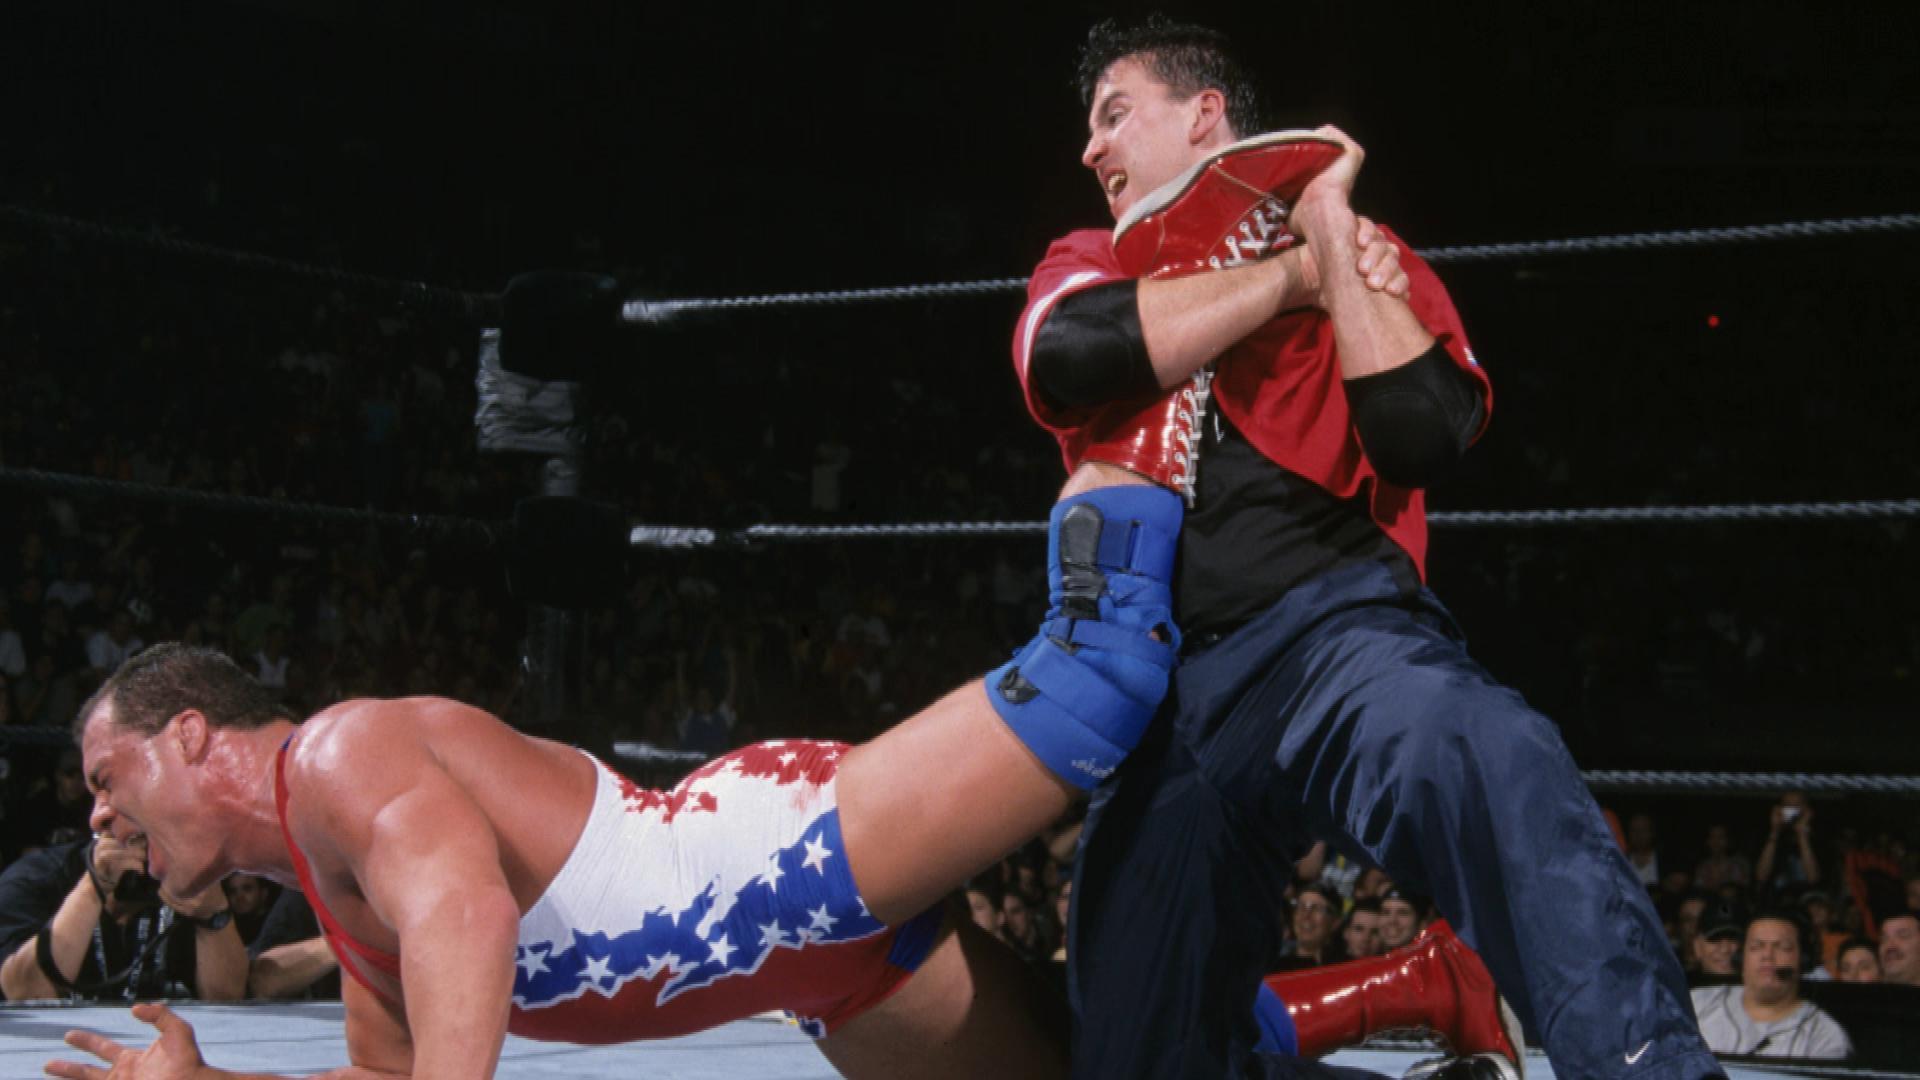 Shane McMahon se souvient d'avoir brutalement porté une souplesse à Kurt Angle sur WWE Untold